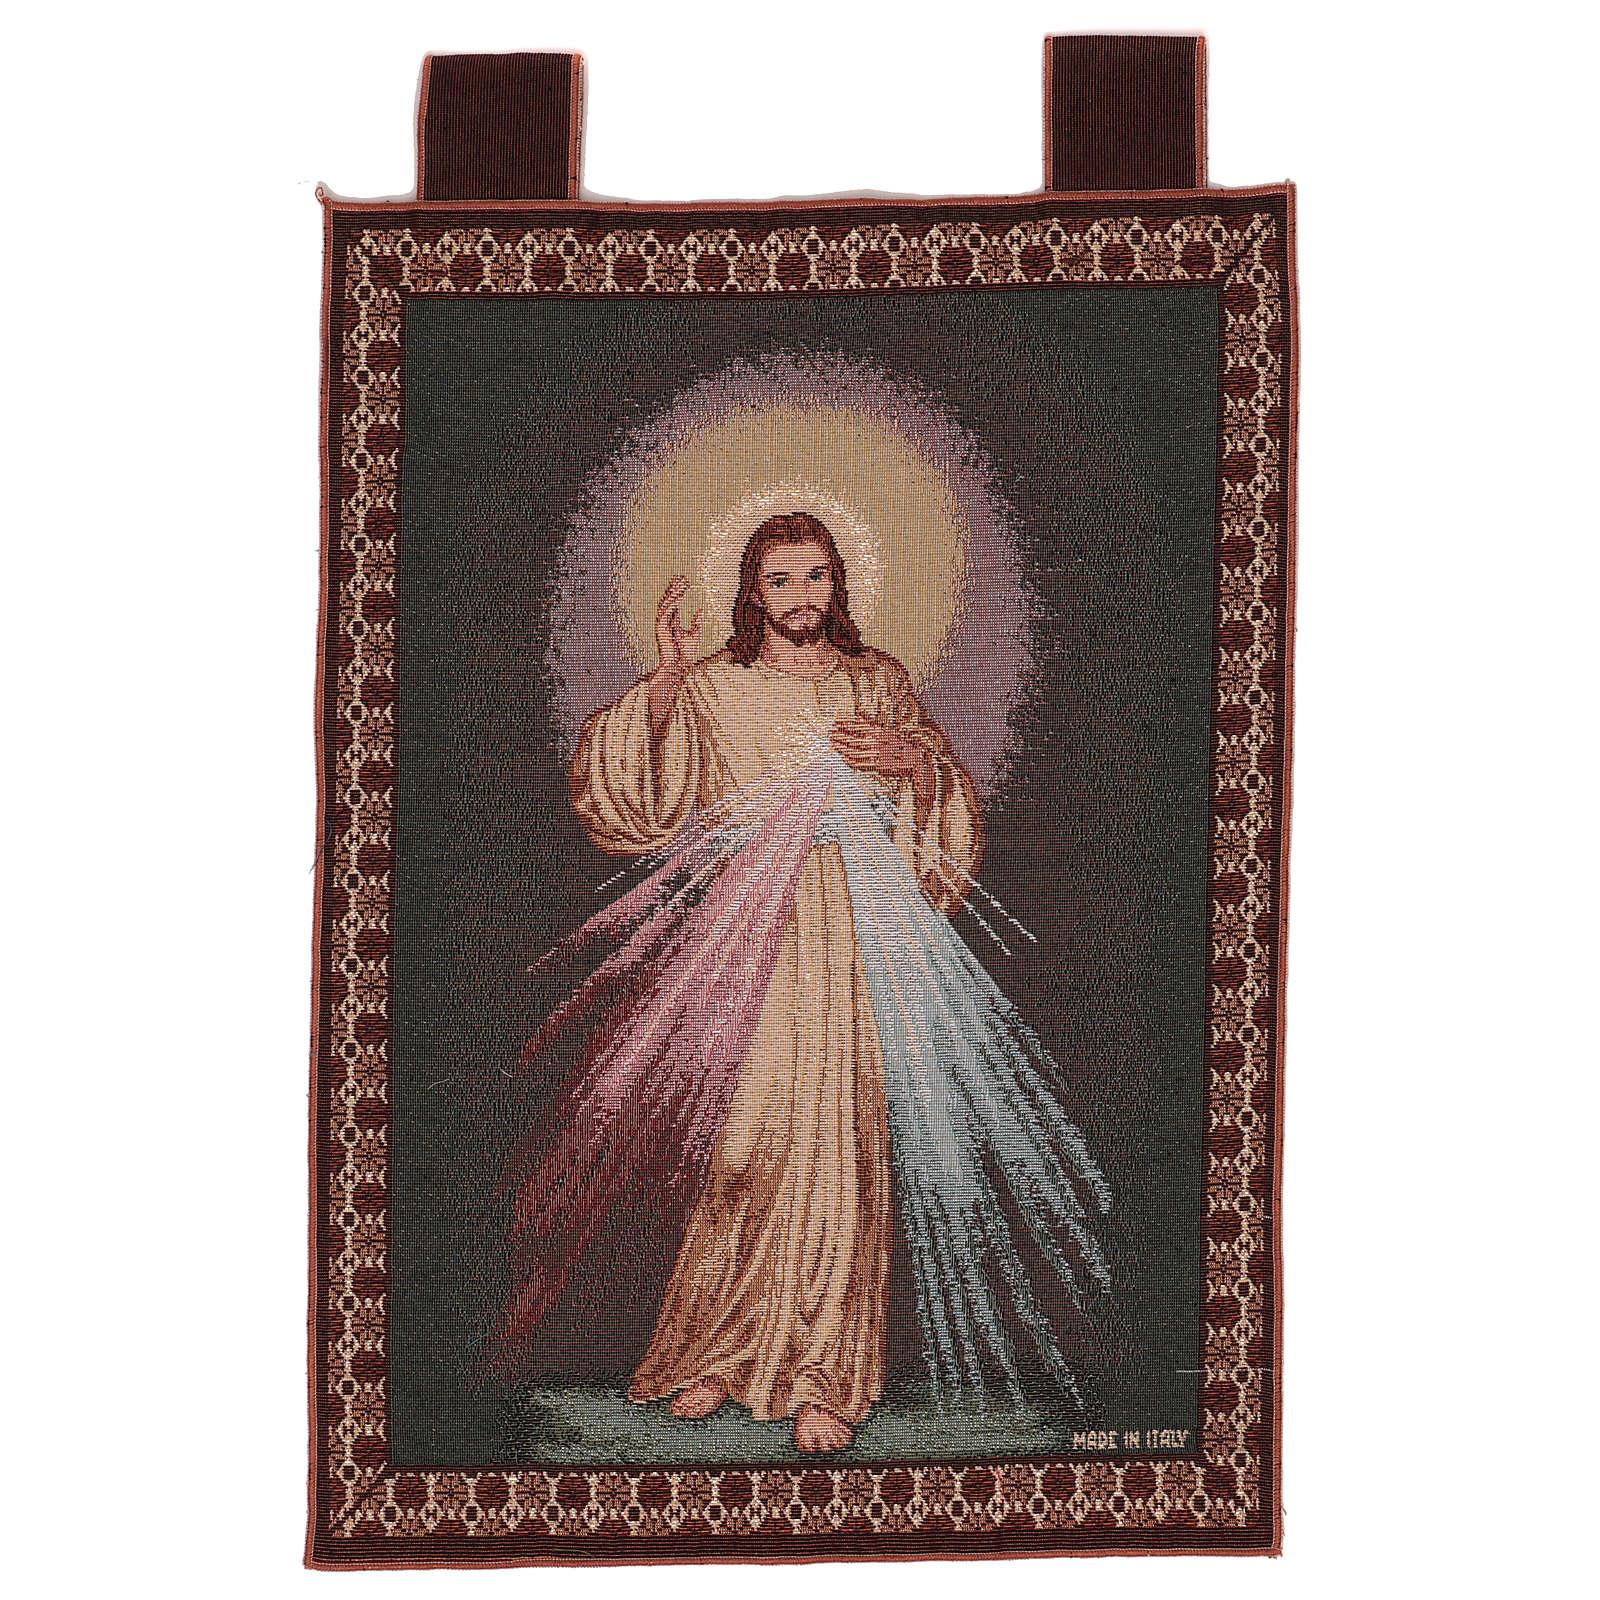 Wandteppich Barmherziger Jesus, mit Rahmen und Schlaufen 55x40 cm 3